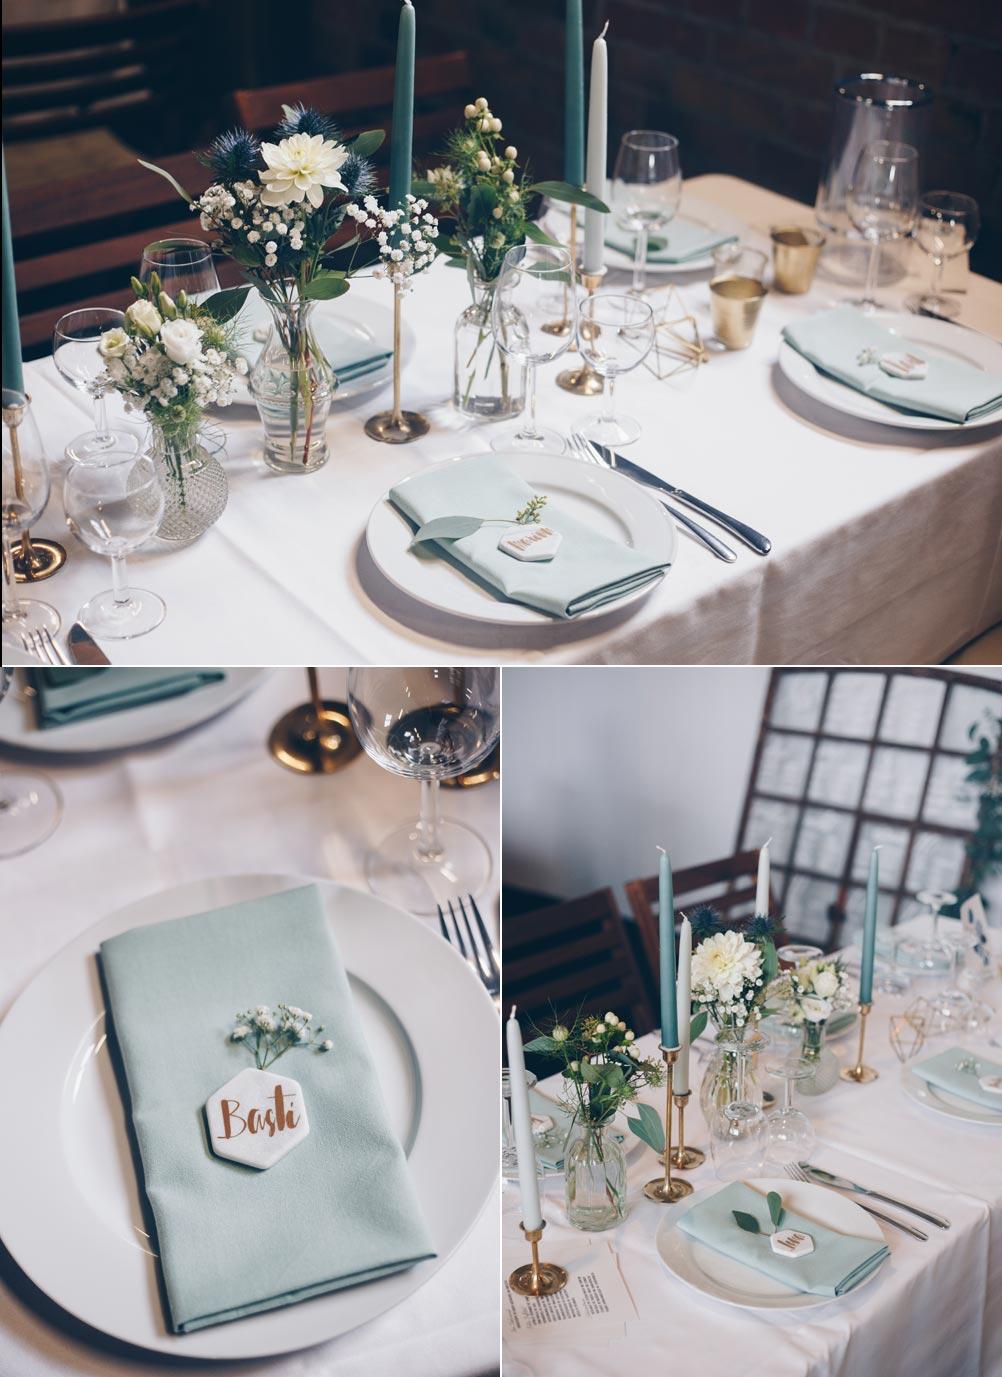 DIY Hexagon Tischkärtchen aus Marmor für Hochzeiten - Hochzeitsinspiration in Grüntönen mit Geometrischen Elementen